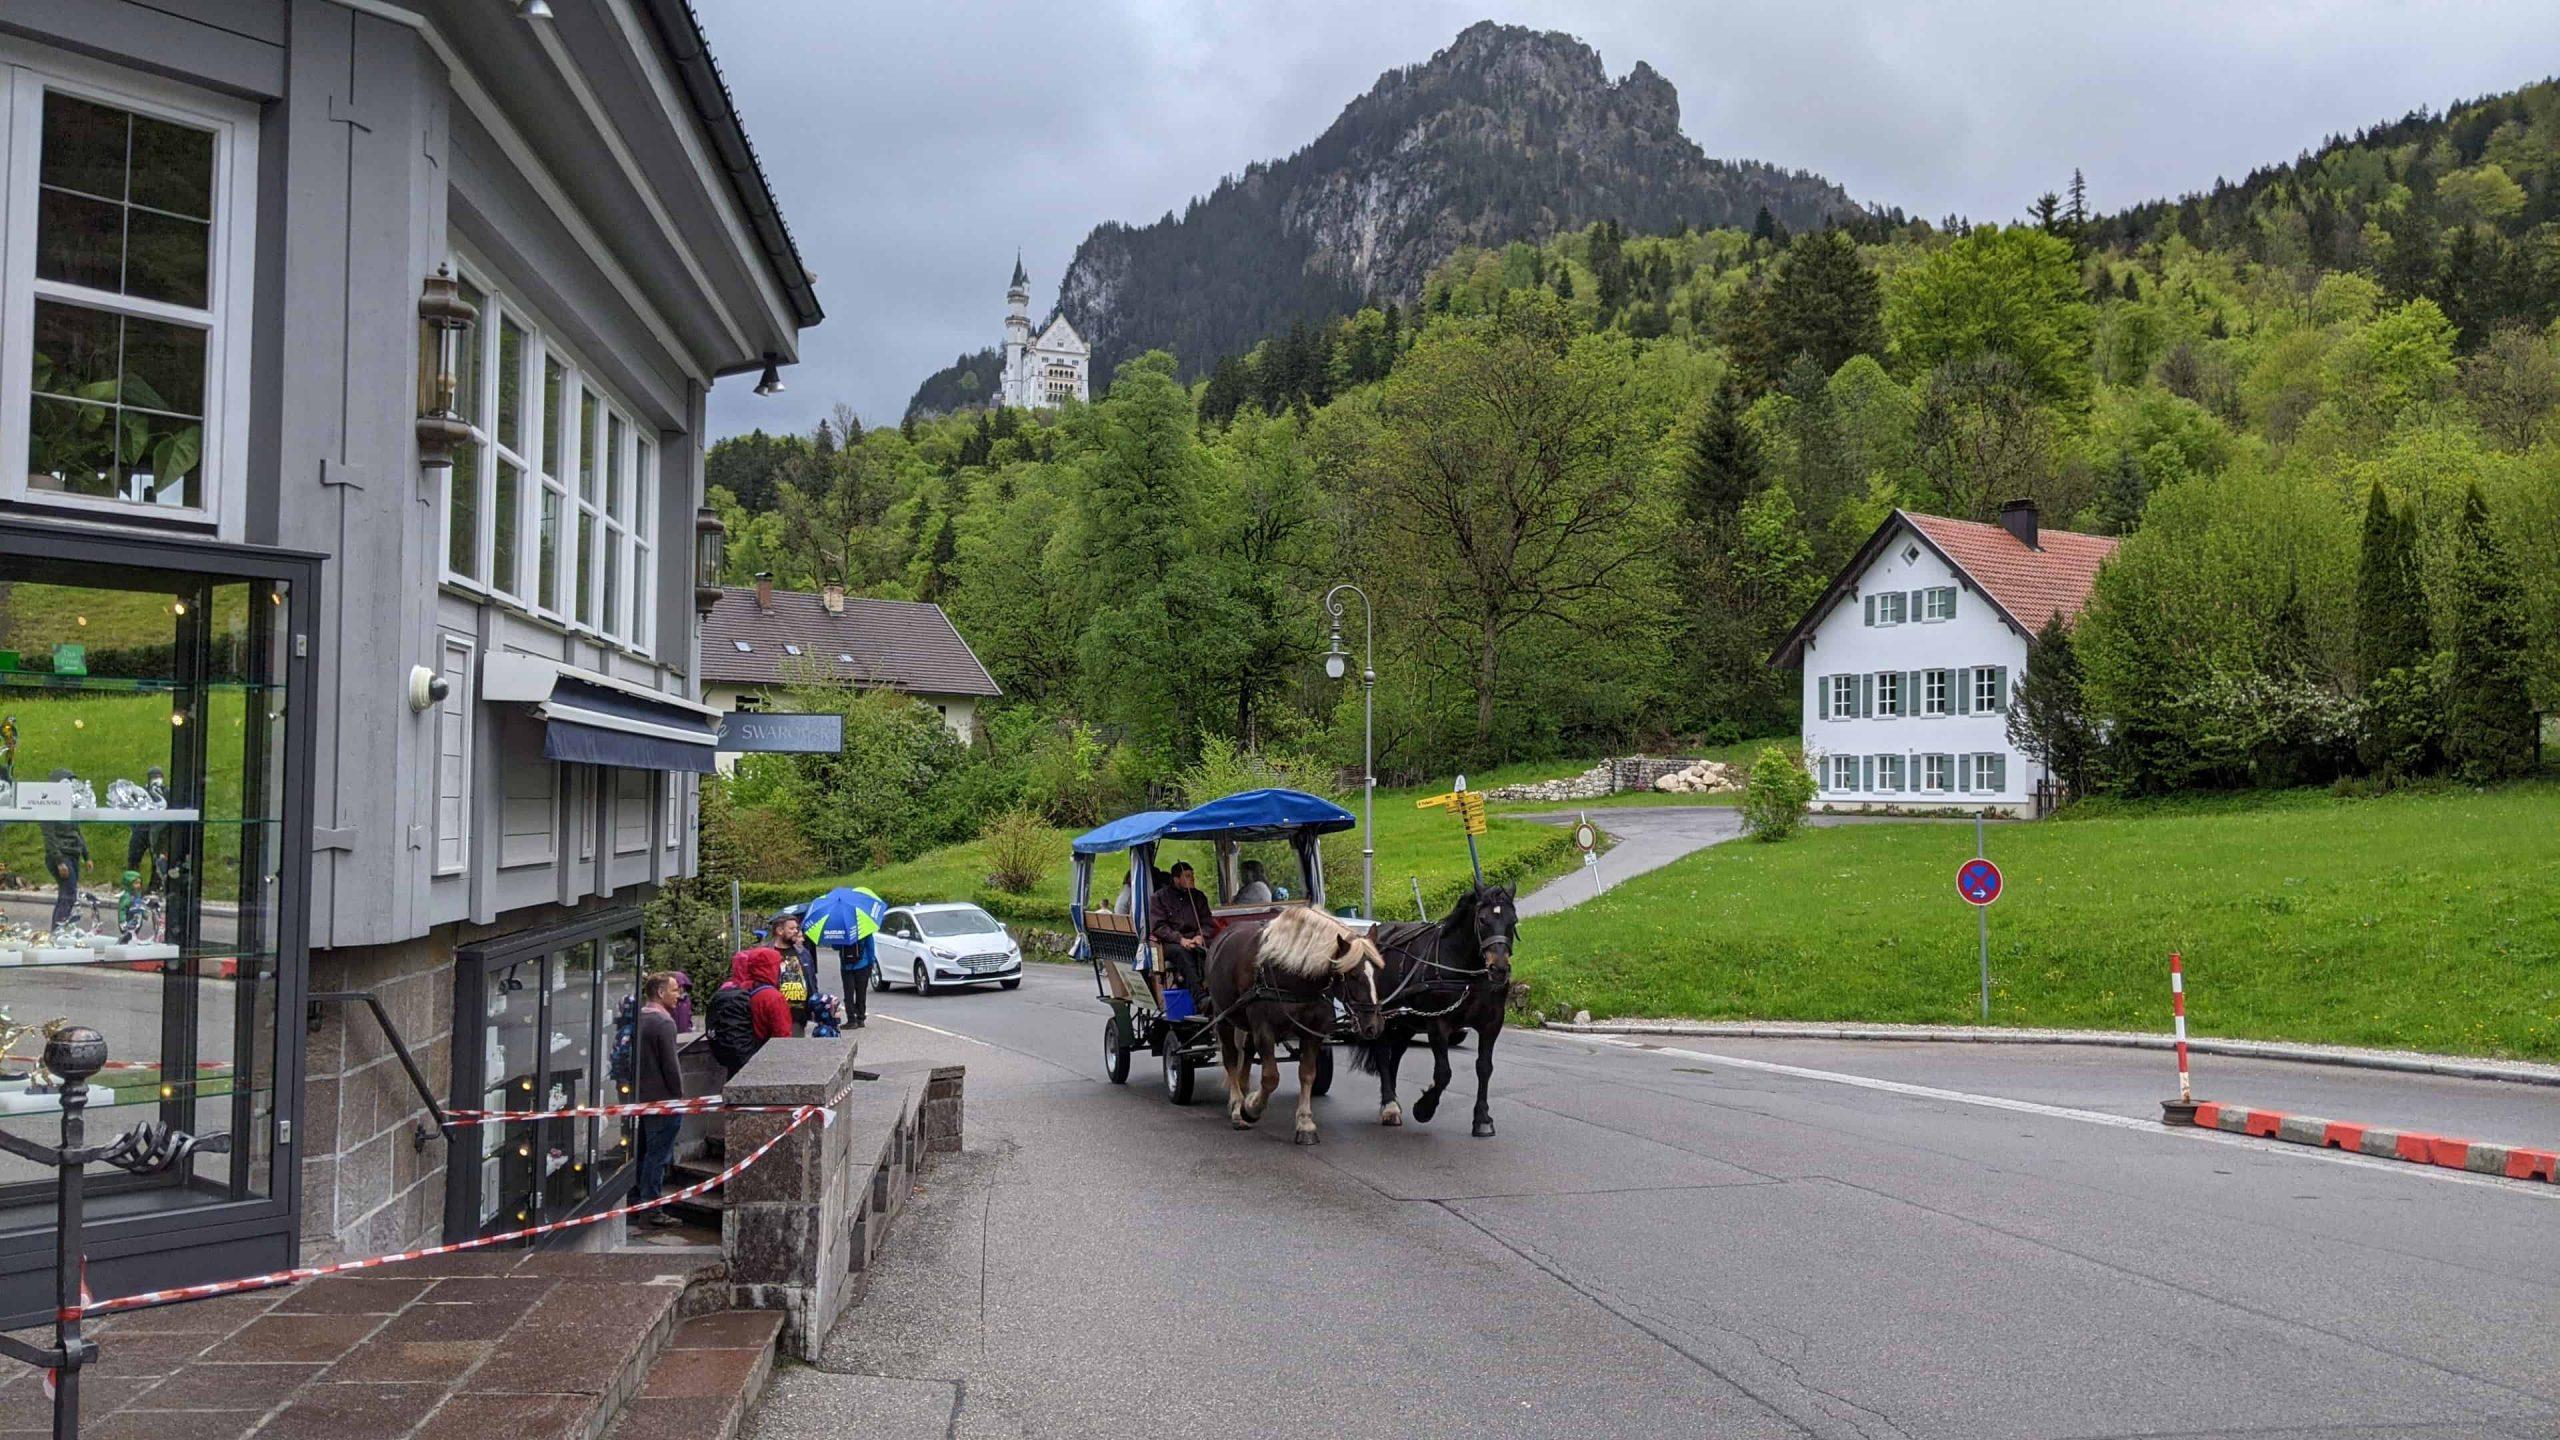 ノイシュバンシュタイン城の馬車